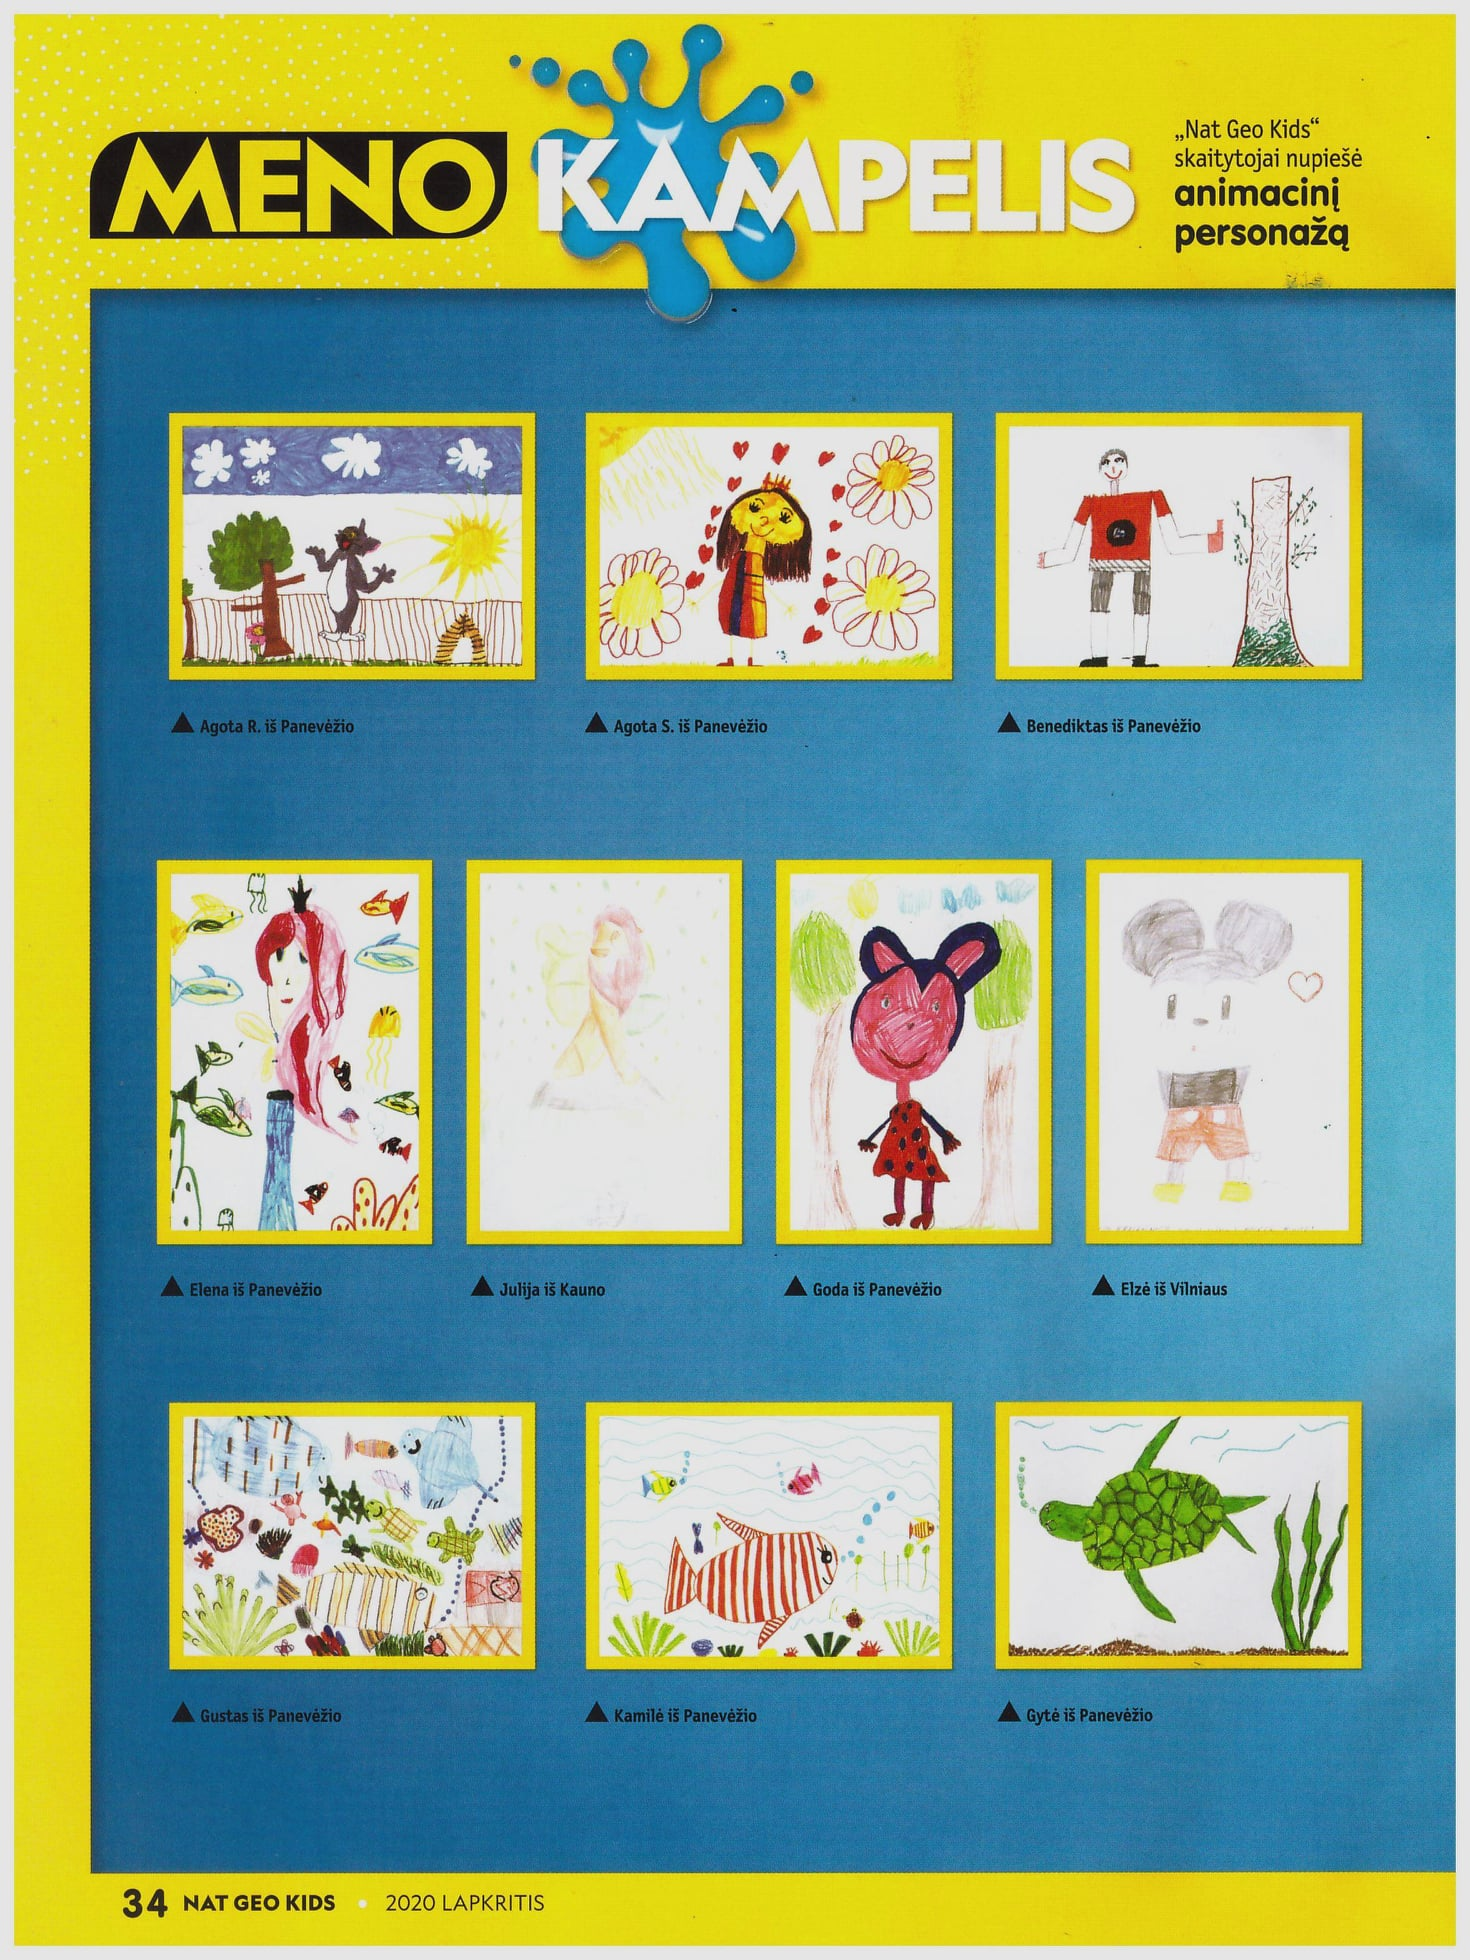 вчера, когда учительница показала детям этот журнал, ребенок пережил ужасные минуты...